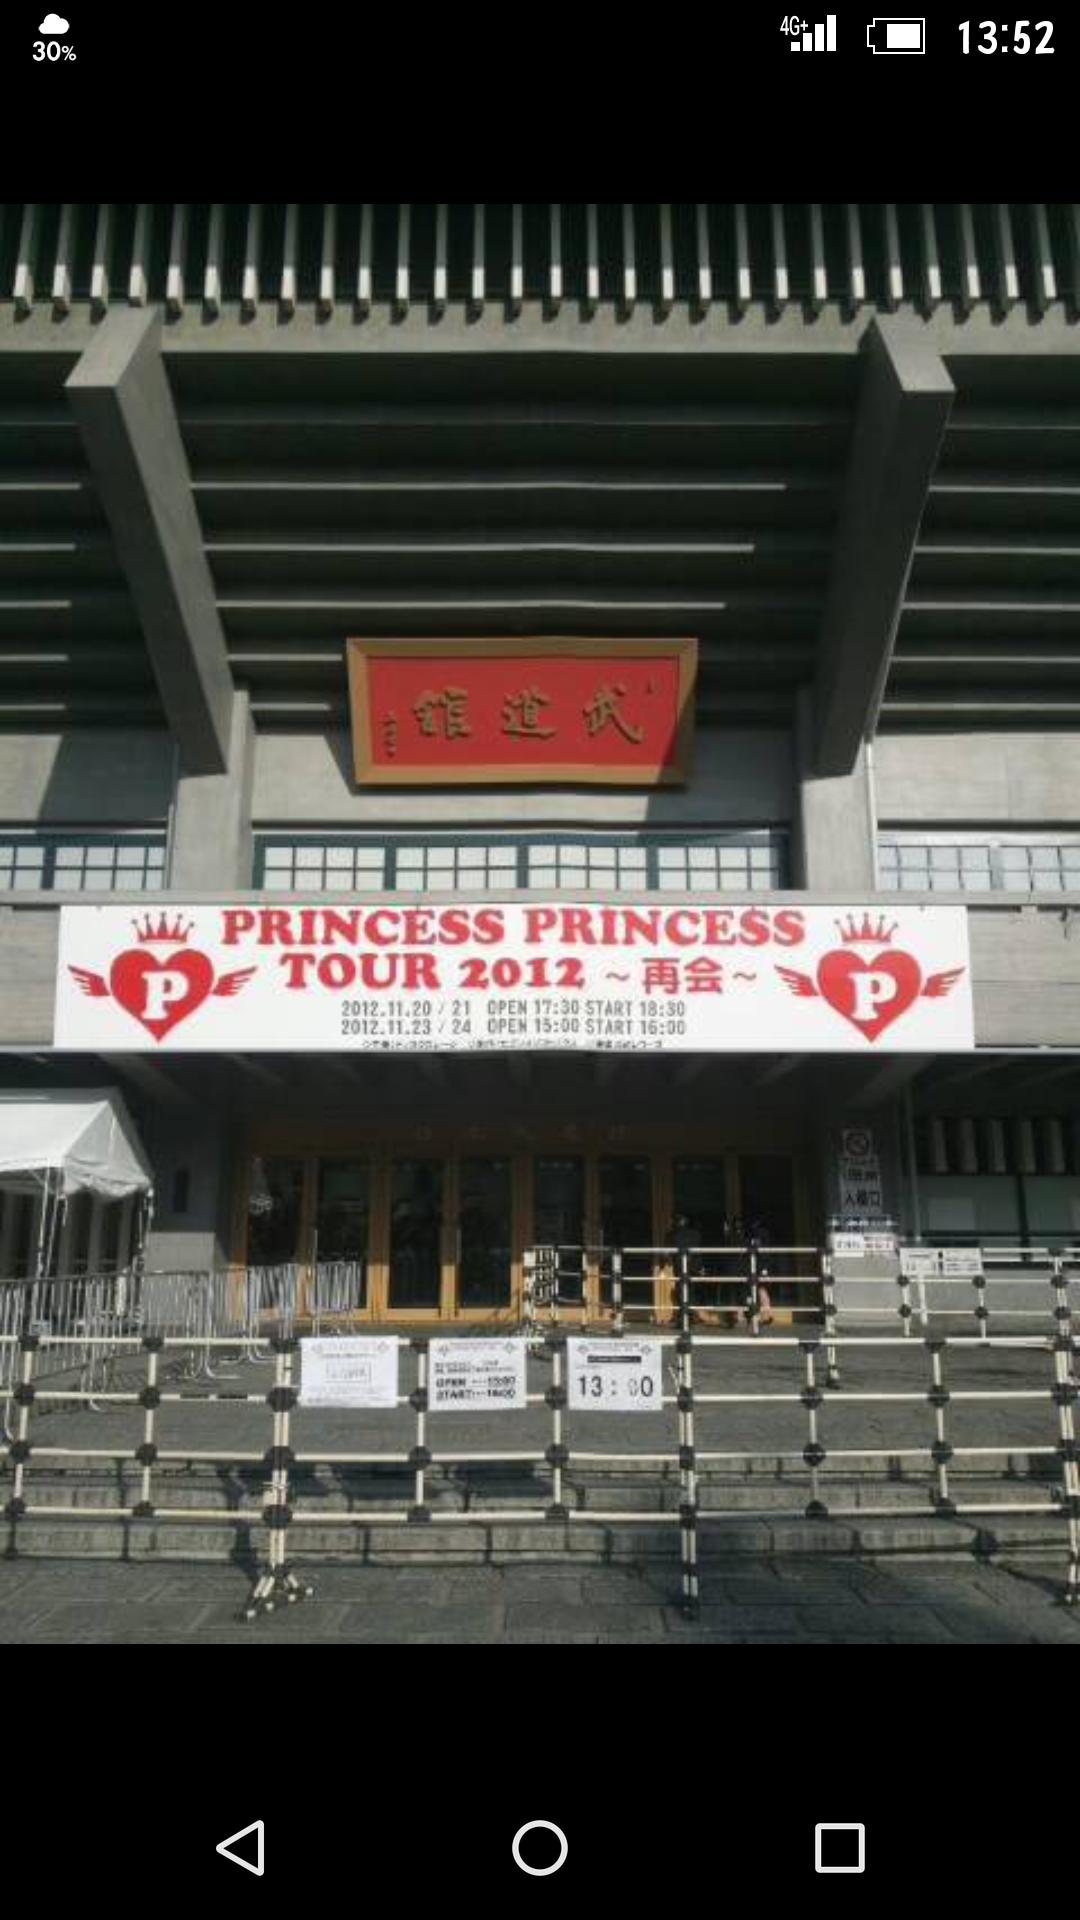 プリンセス・プリンセスを語ろう